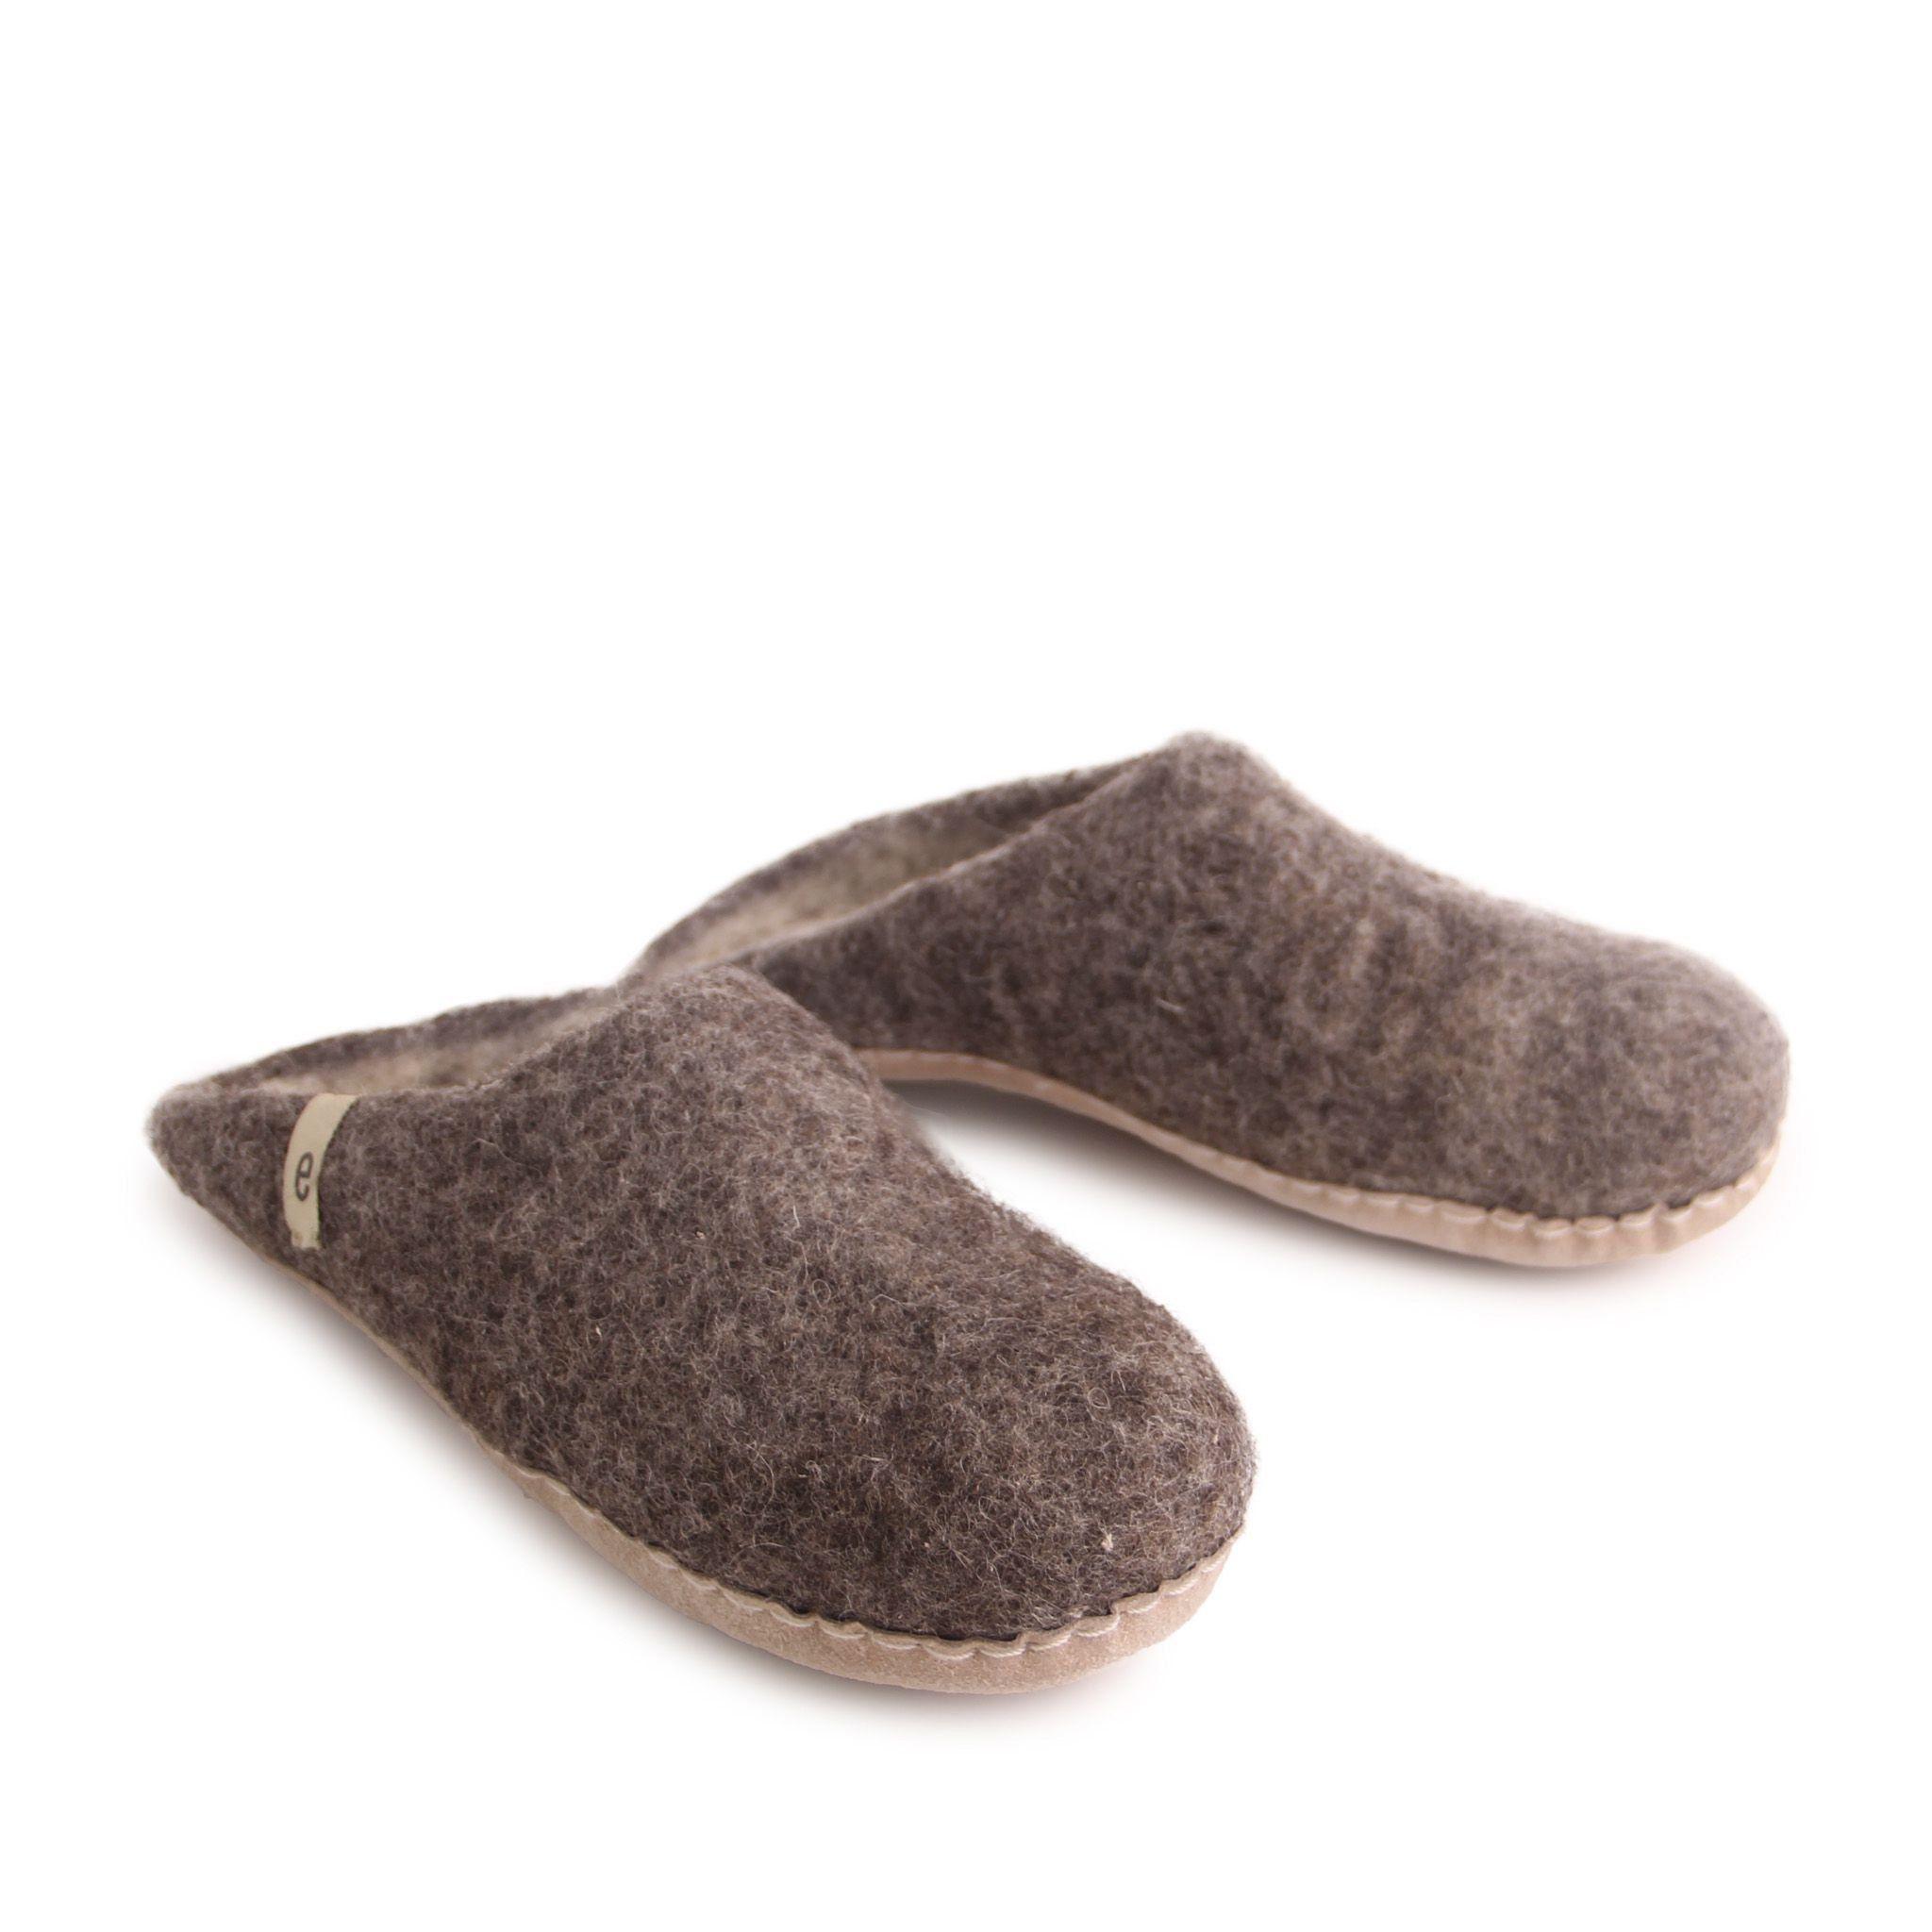 Egos Slip-on Indoor Shoe Simple in Natural Brown